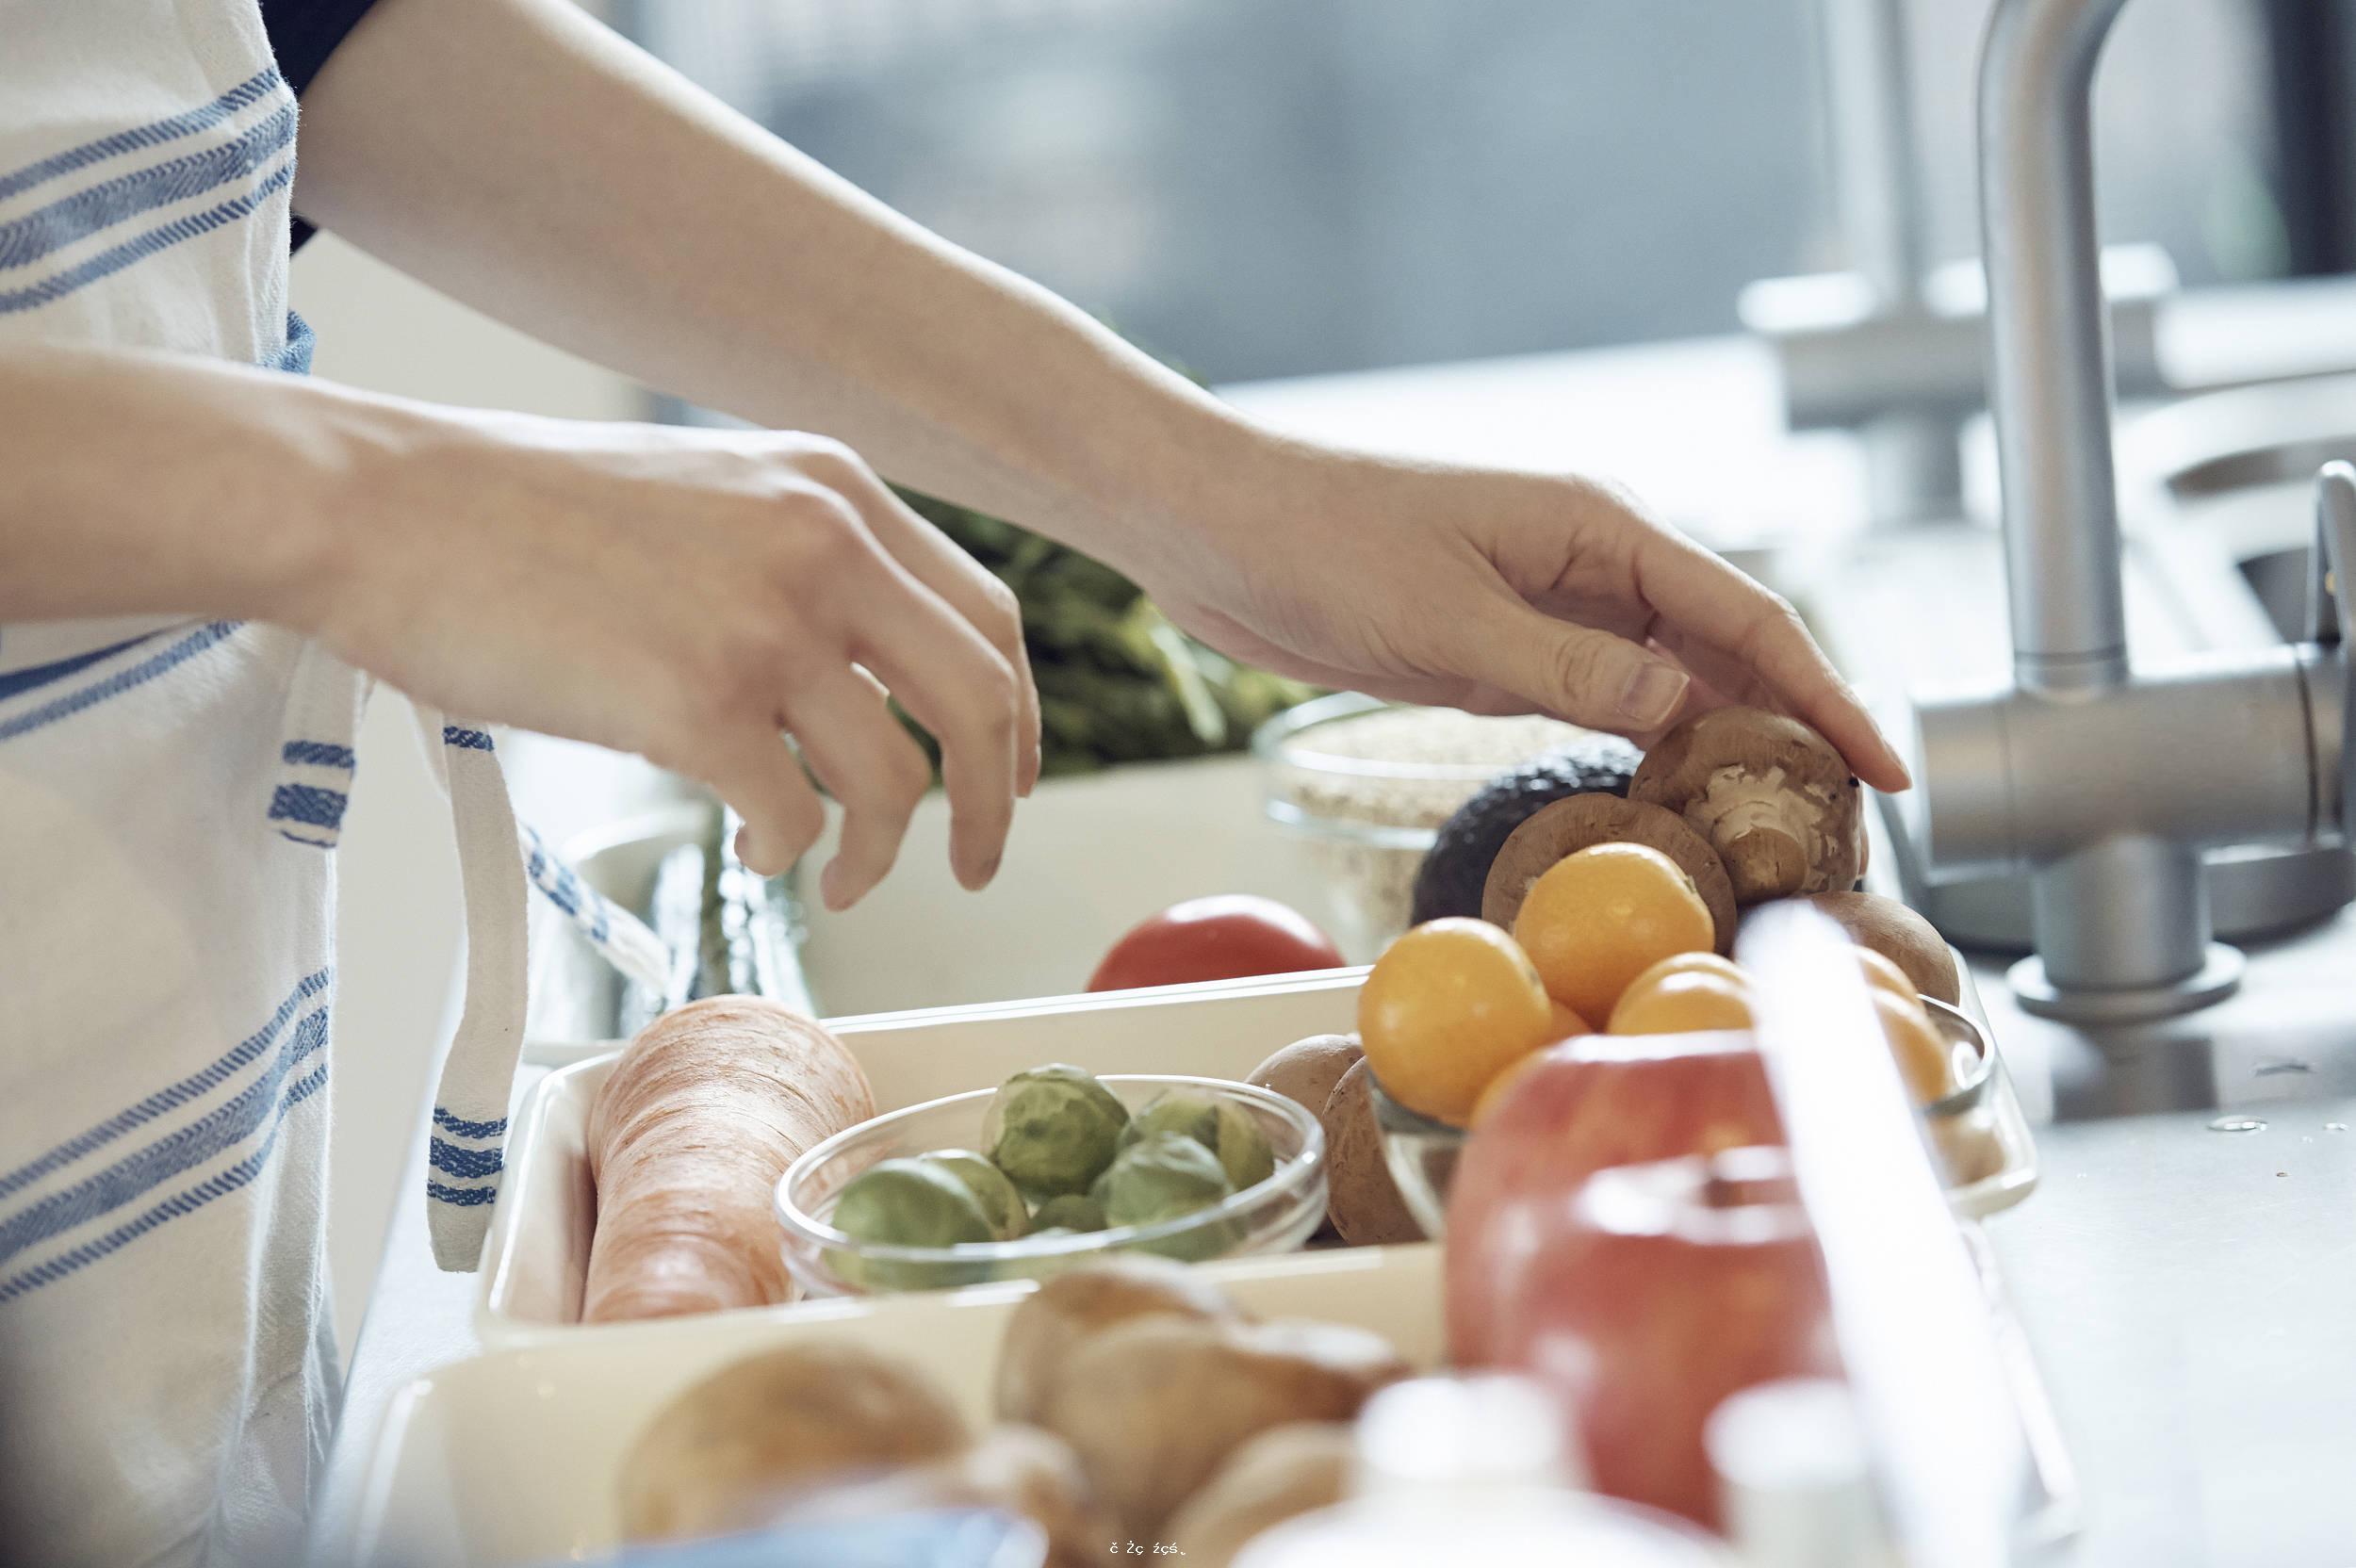 《2021中國白領女性健康膳食白皮書》:中國白領女性吃油吃鹽超標!